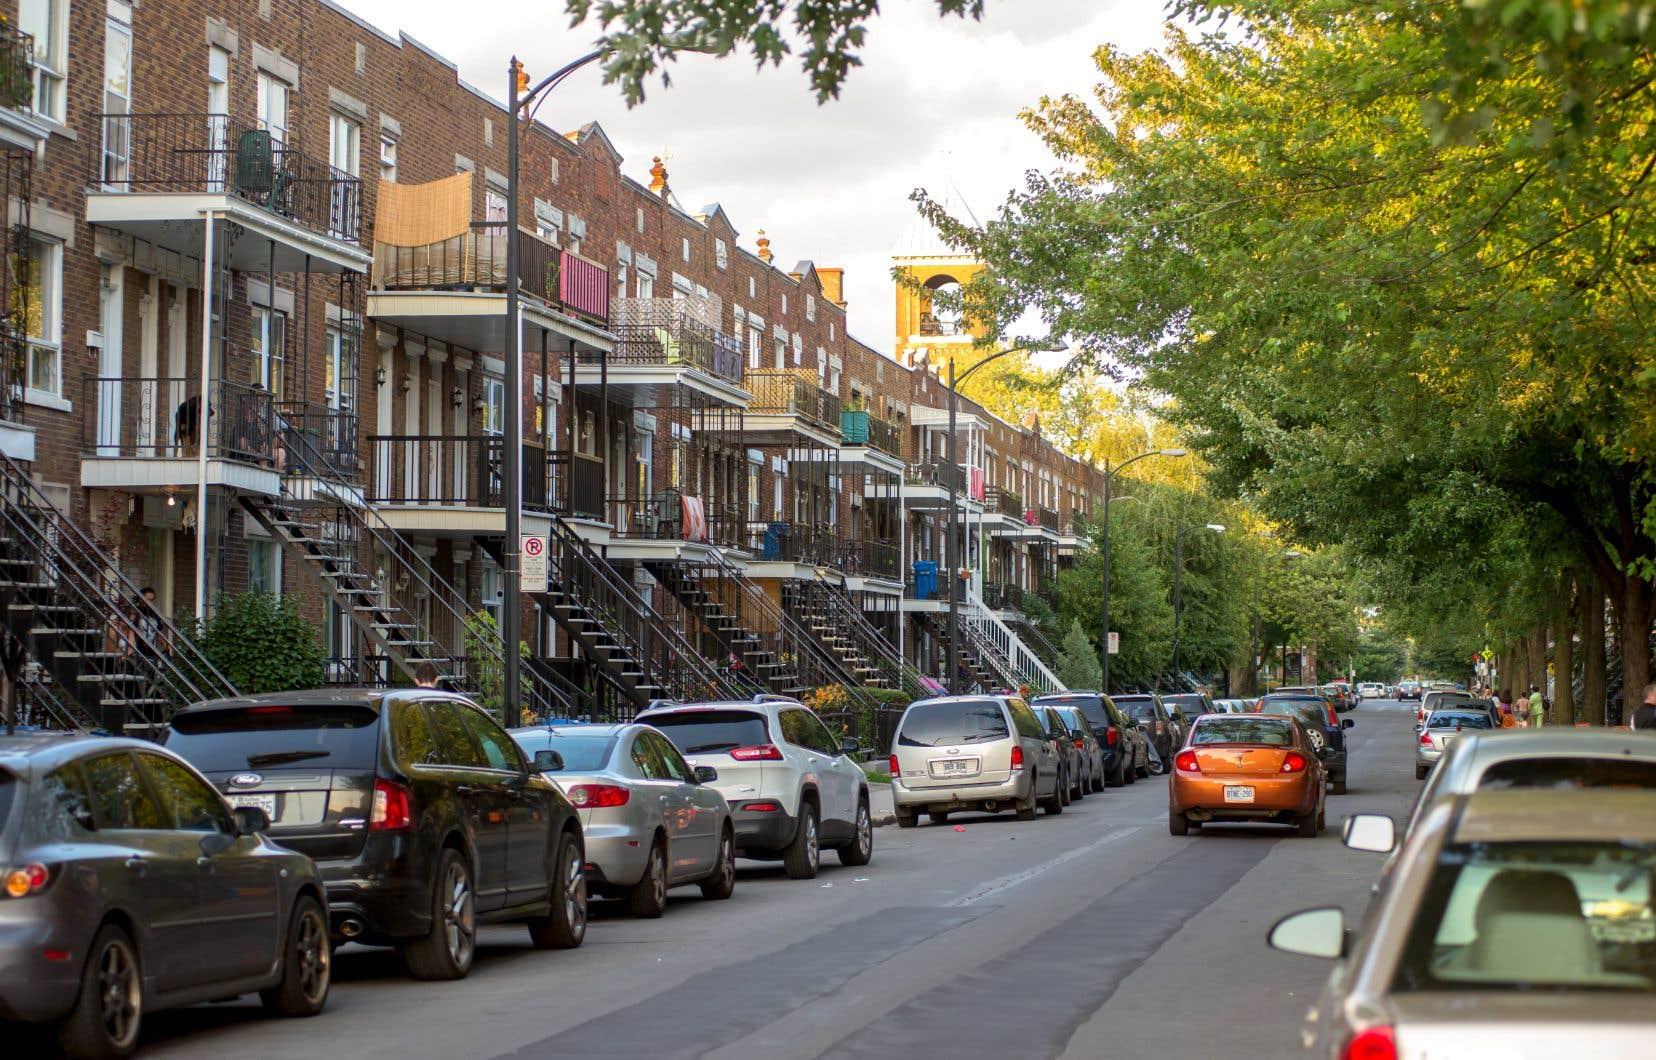 Les dernières données de la Société canadienne d'hypothèques et de logement montrent des taux d'inoccupation bien en deçà du seuil d'équilibre dans presque toutes les villes québécoises, qui sont de ce fait aux prises avec une pénurie de logements locatifs.